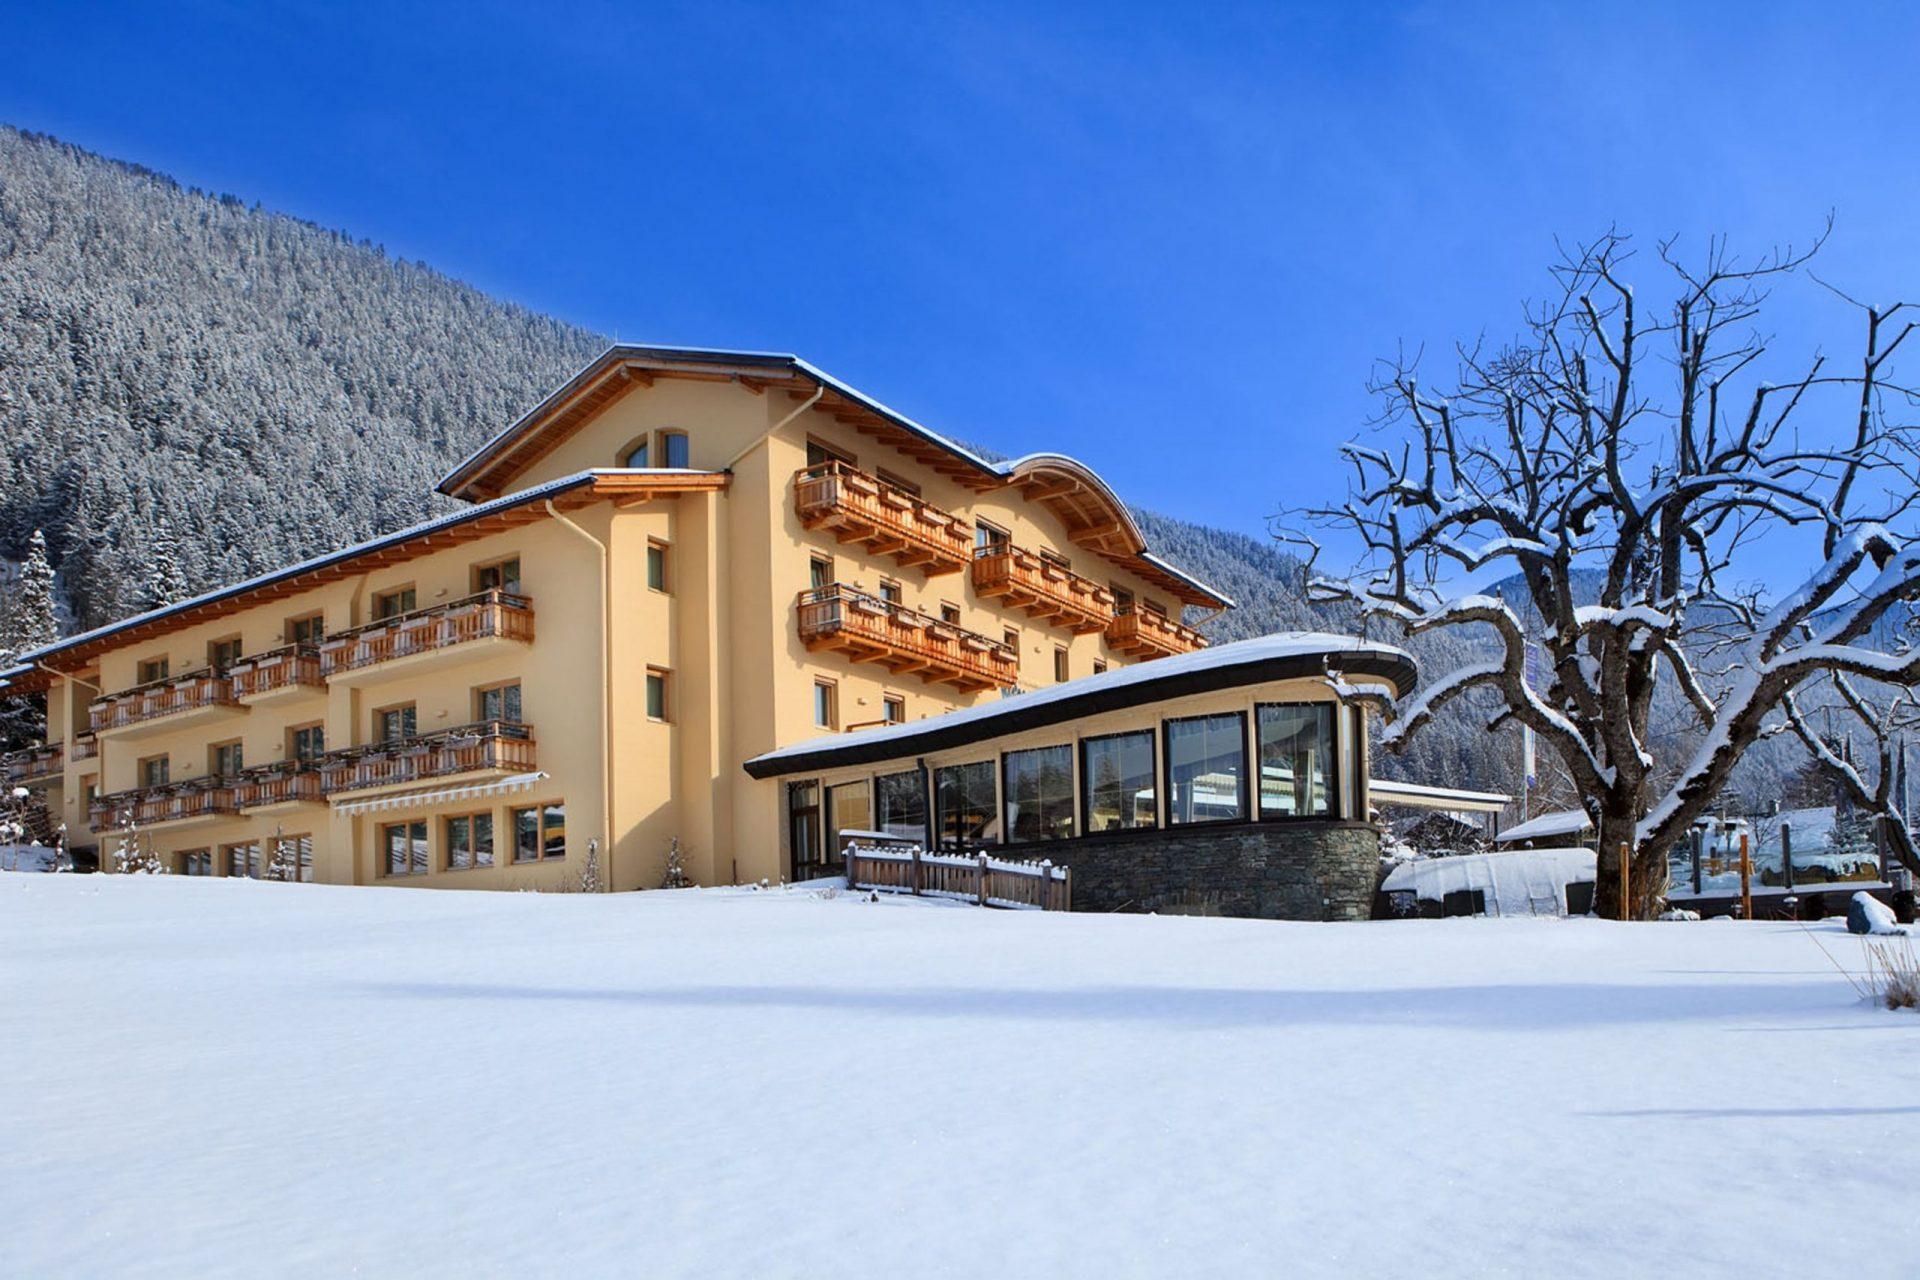 Strandhotel Weissensee Winter